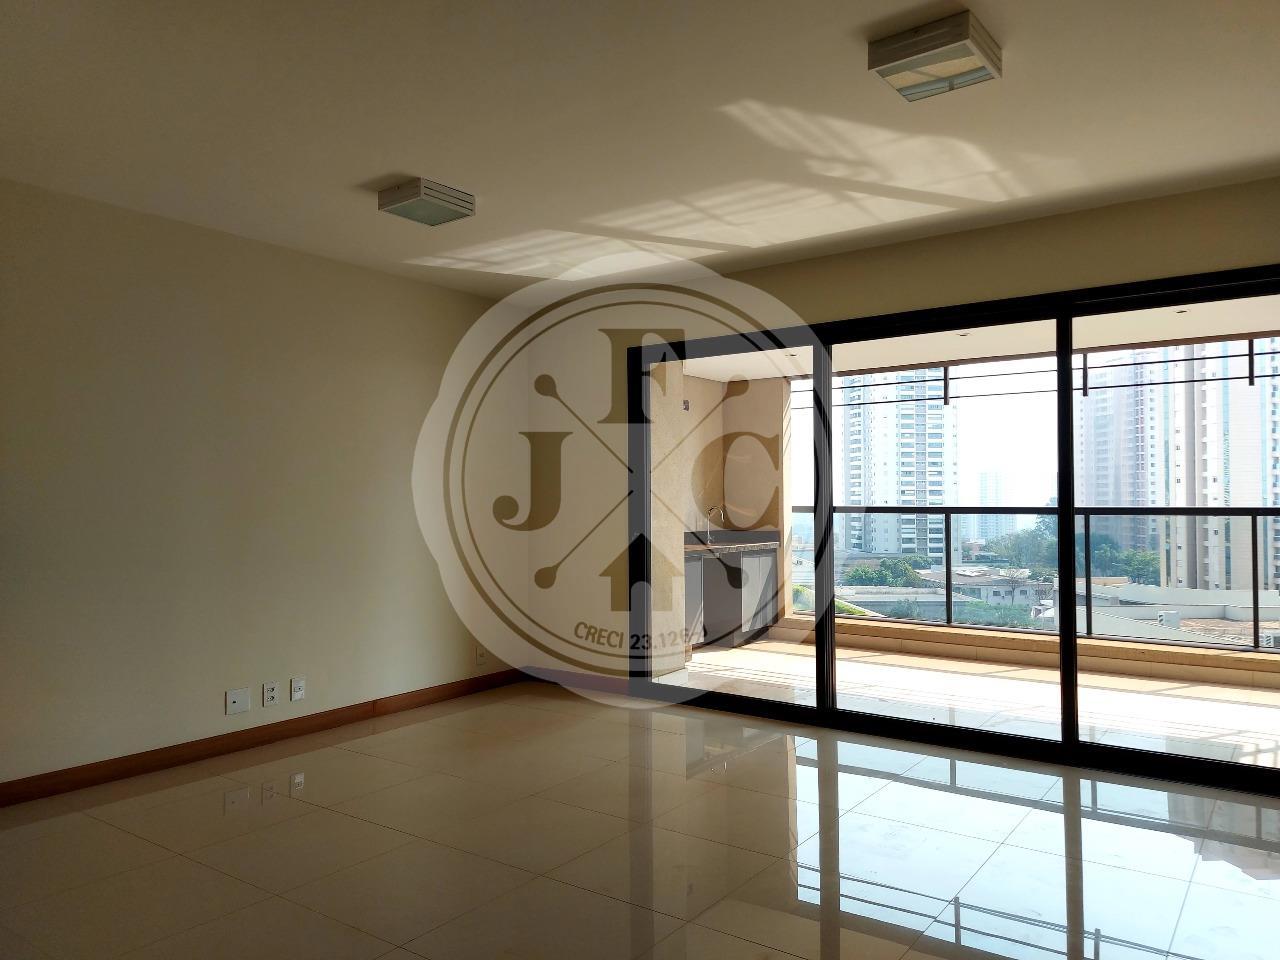 Exclusivo apartamento alto padrão para locação no bairro Bosque das Juritis.